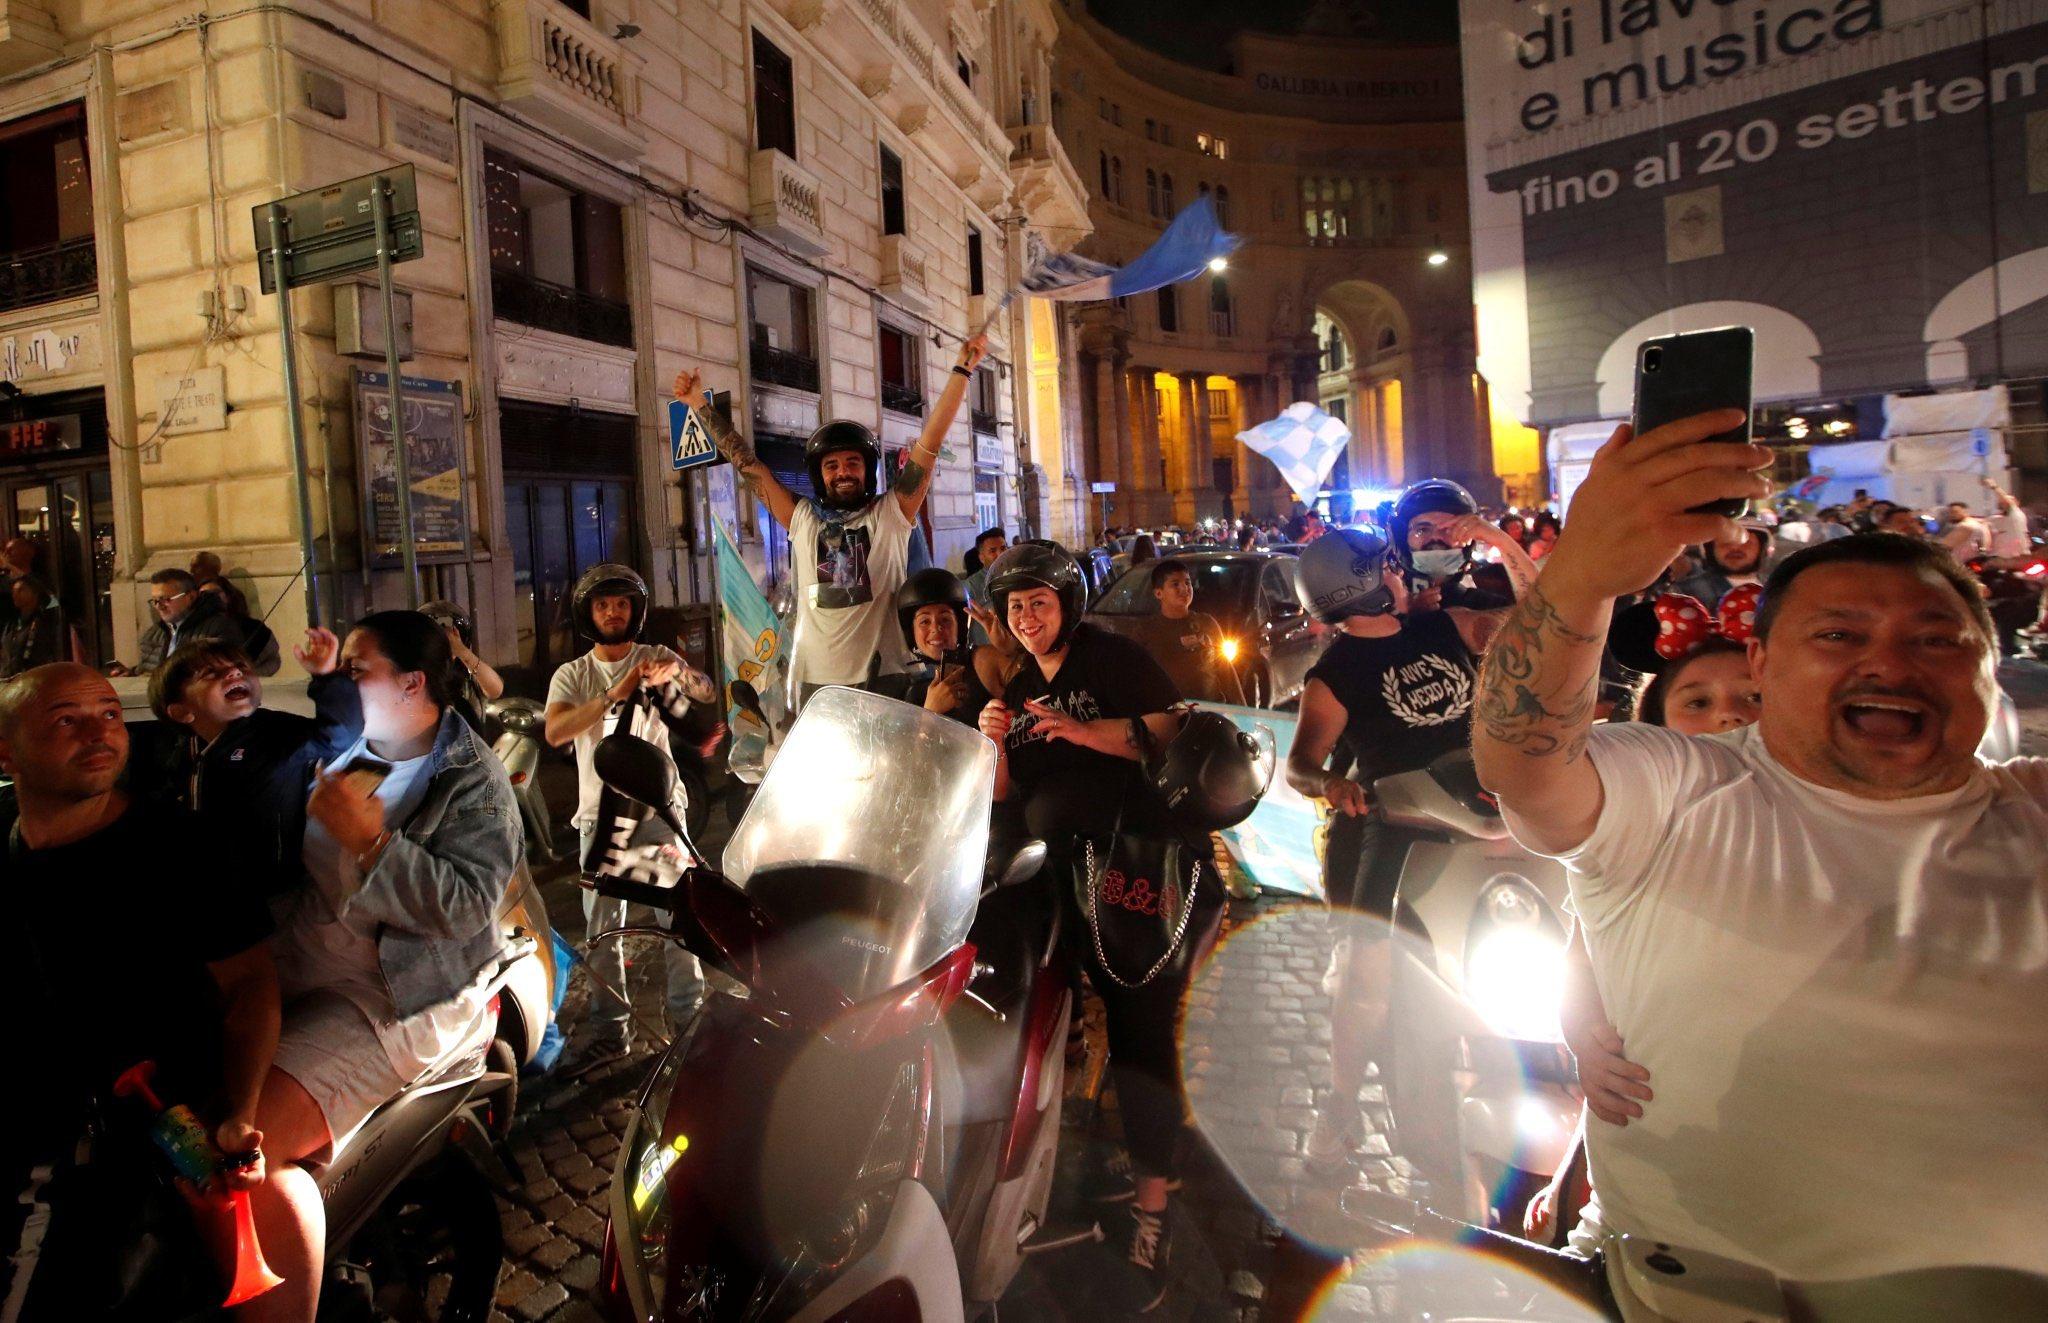 احتفالات جماهيير نابولى بلقب كاس ايطاليا (3)